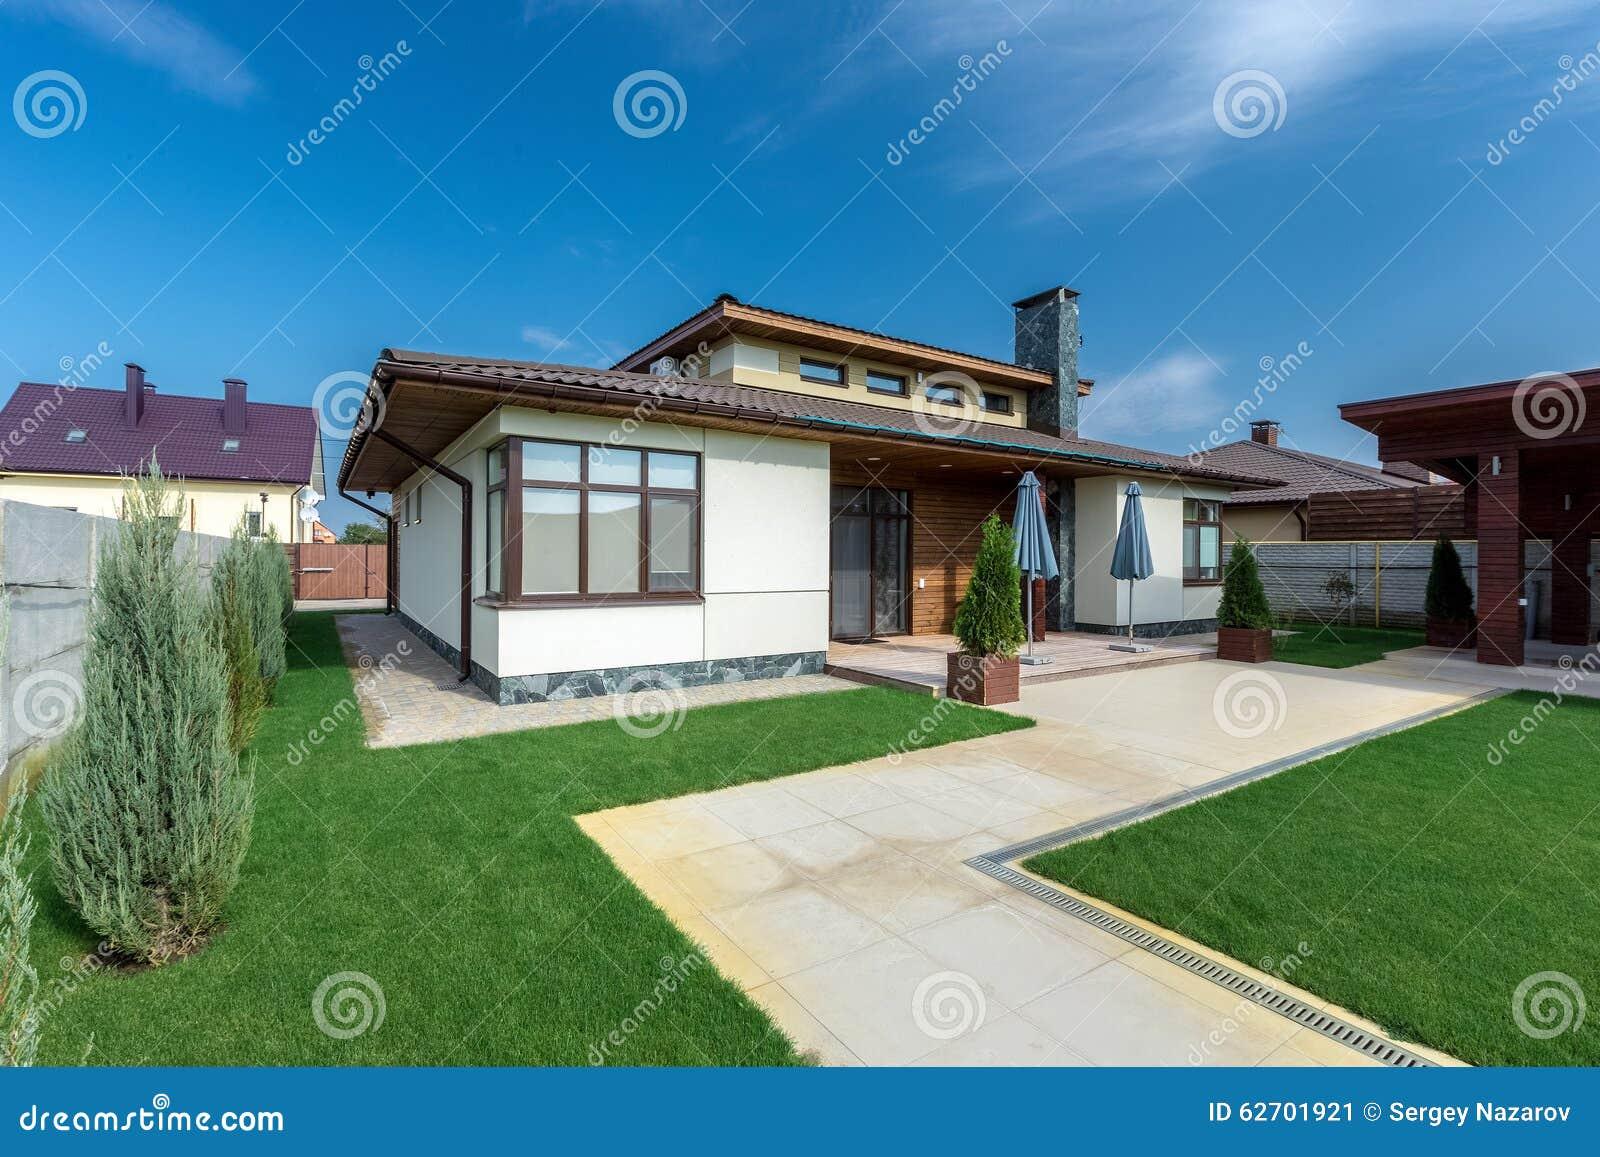 Beautiful cement garden house modern